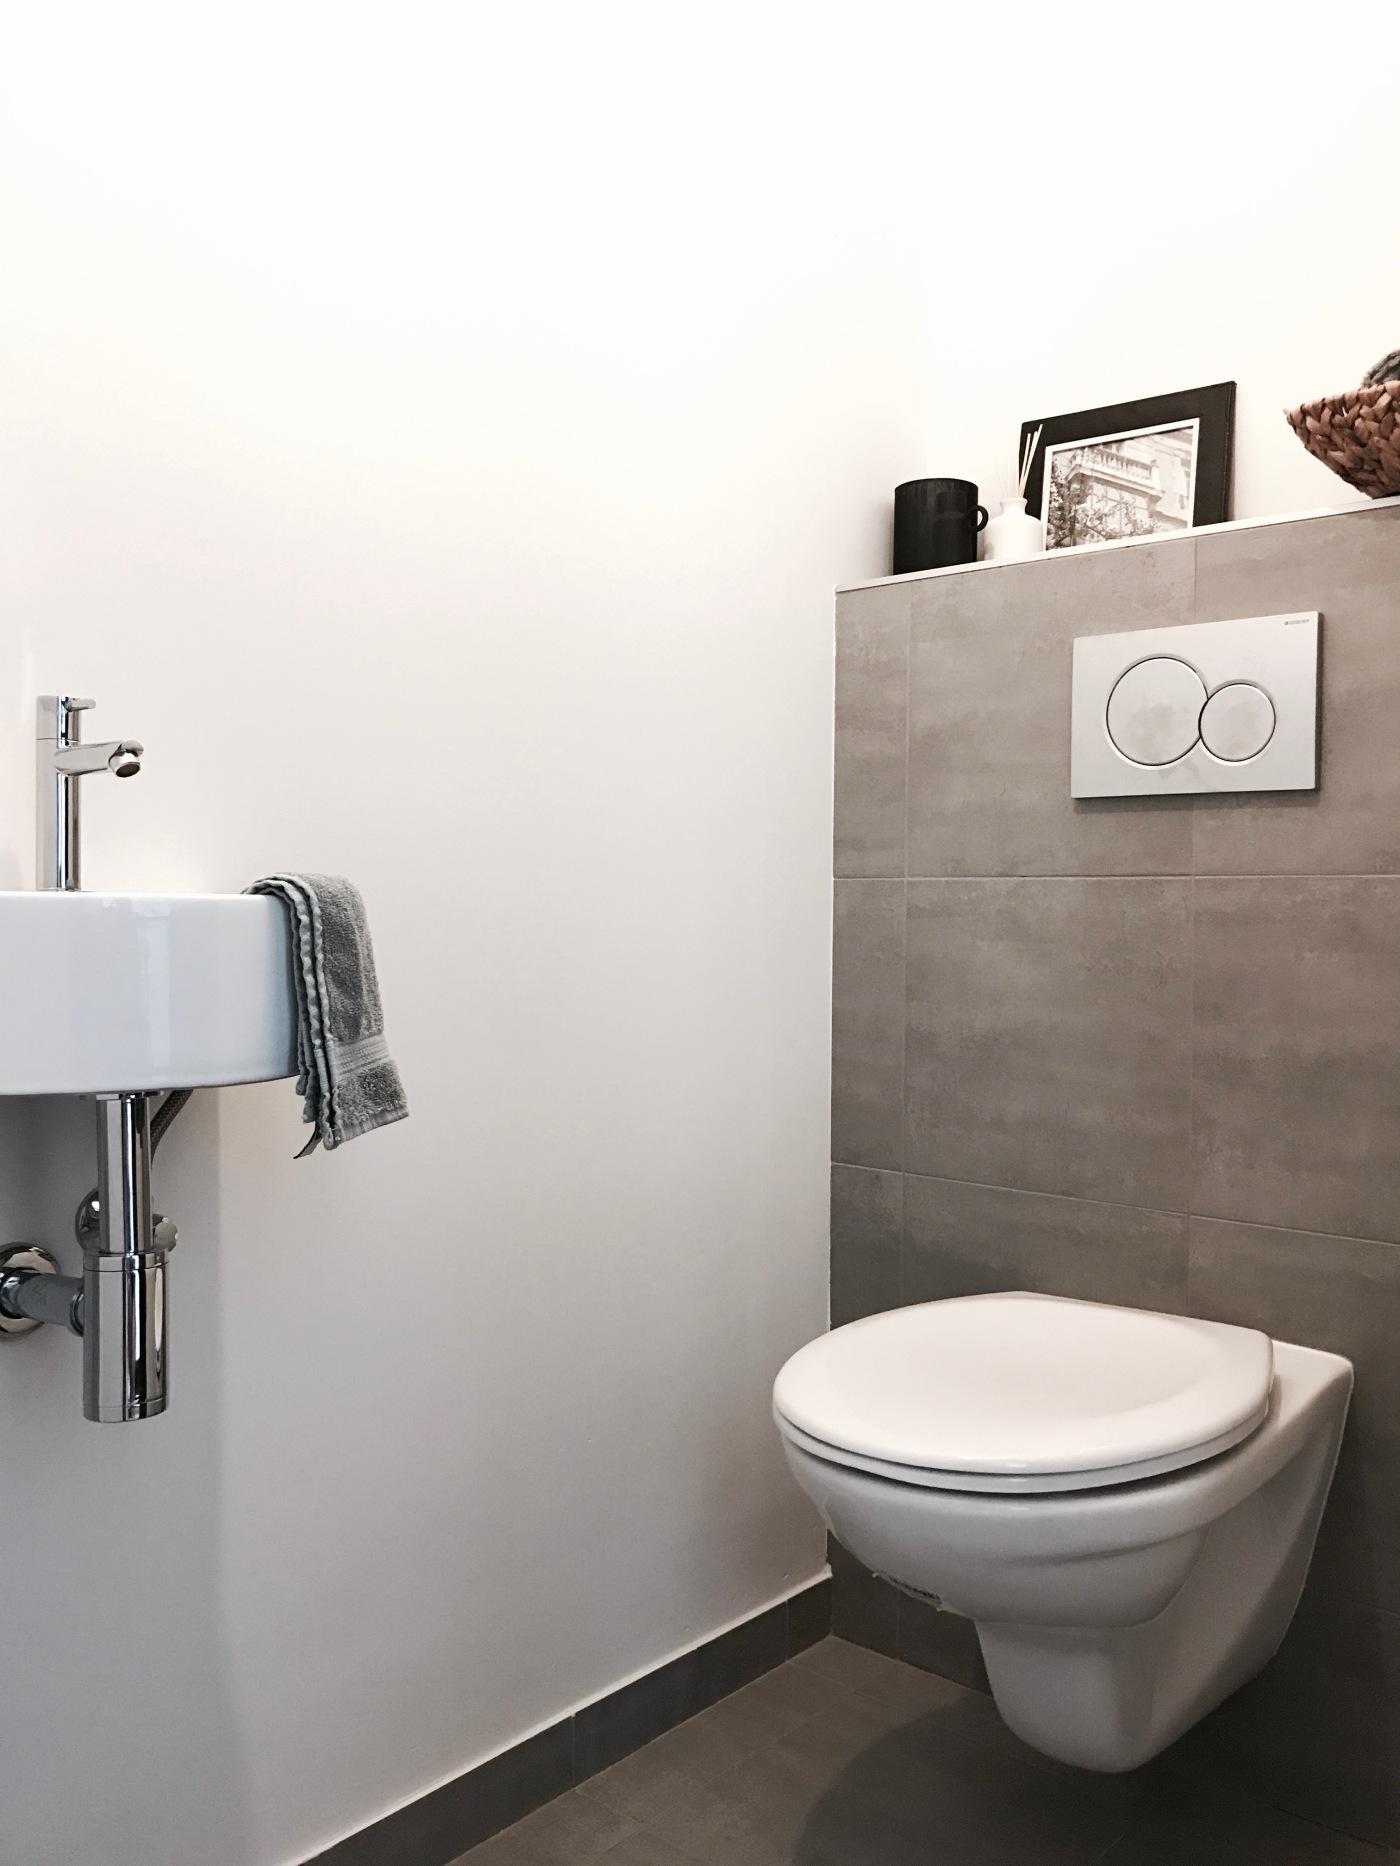 JaimyInterieur_Piron toilet 1